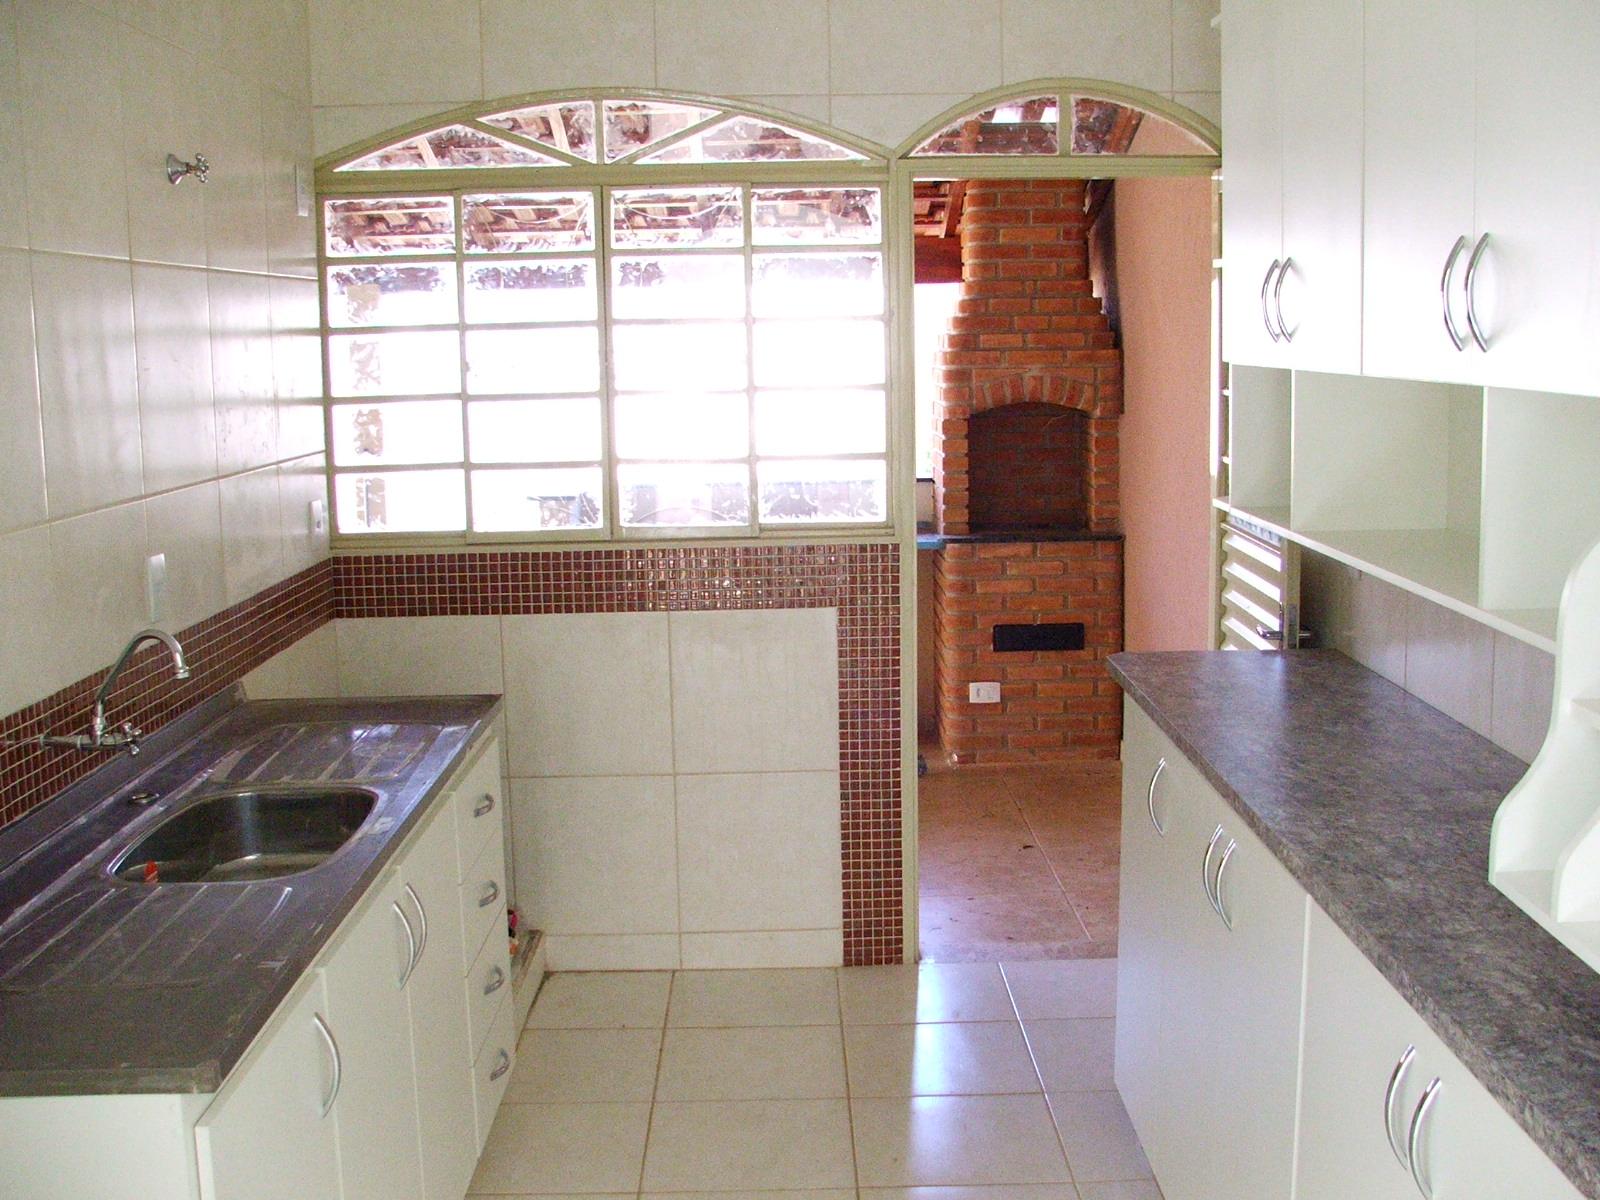 Imagens de #704233 Eliane Casas Apartamentos Imoveis Rio Preto (17 9721 5661) 1600x1200 px 2896 Box Banheiro Higienopolis